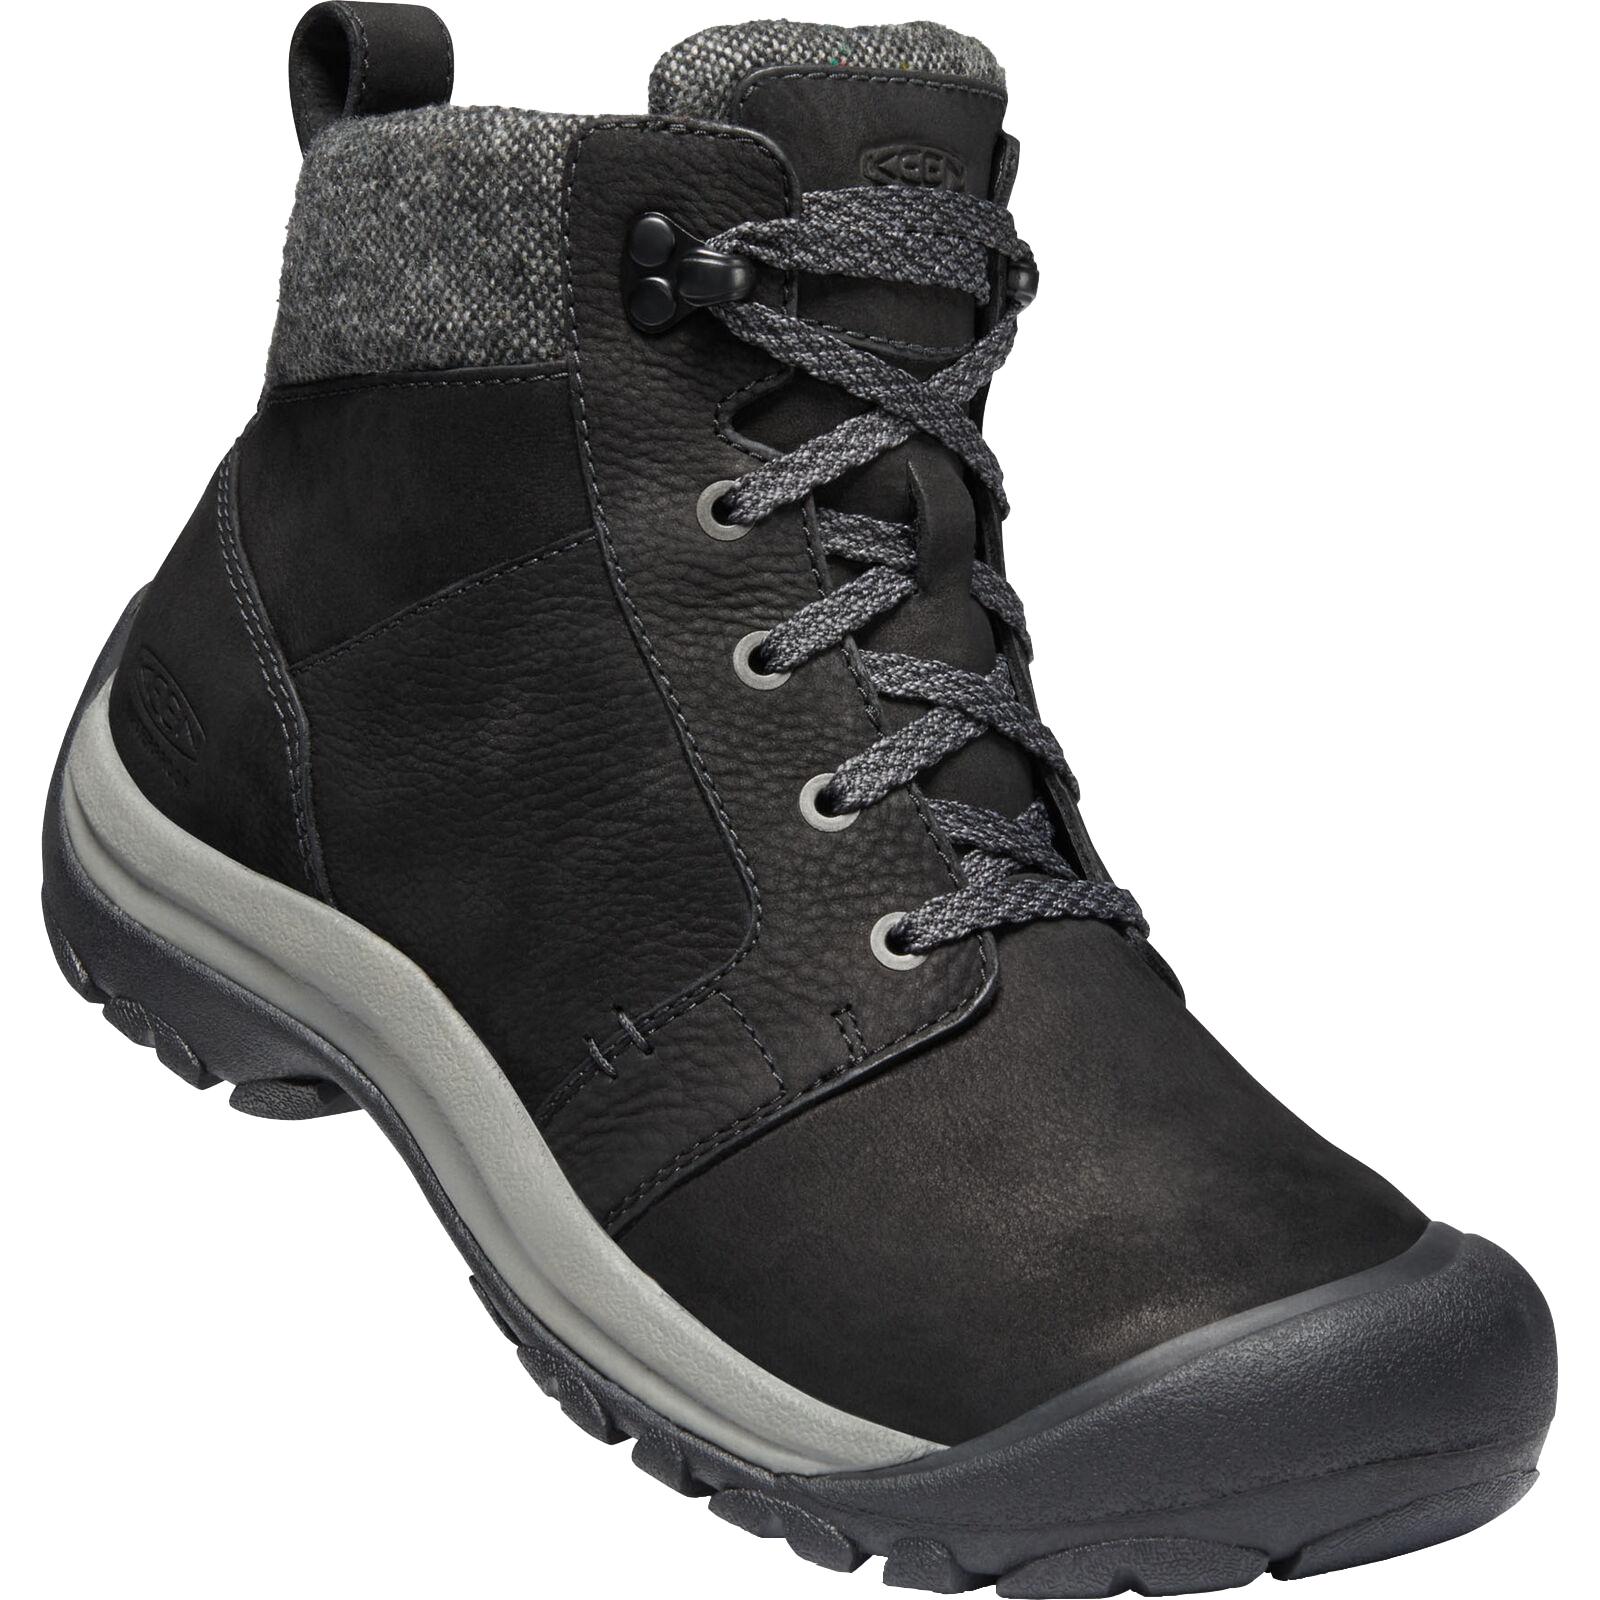 KEEN Kaci II Winter Mid Waterproof Women's Hiking Boots - Black / Steel Grey